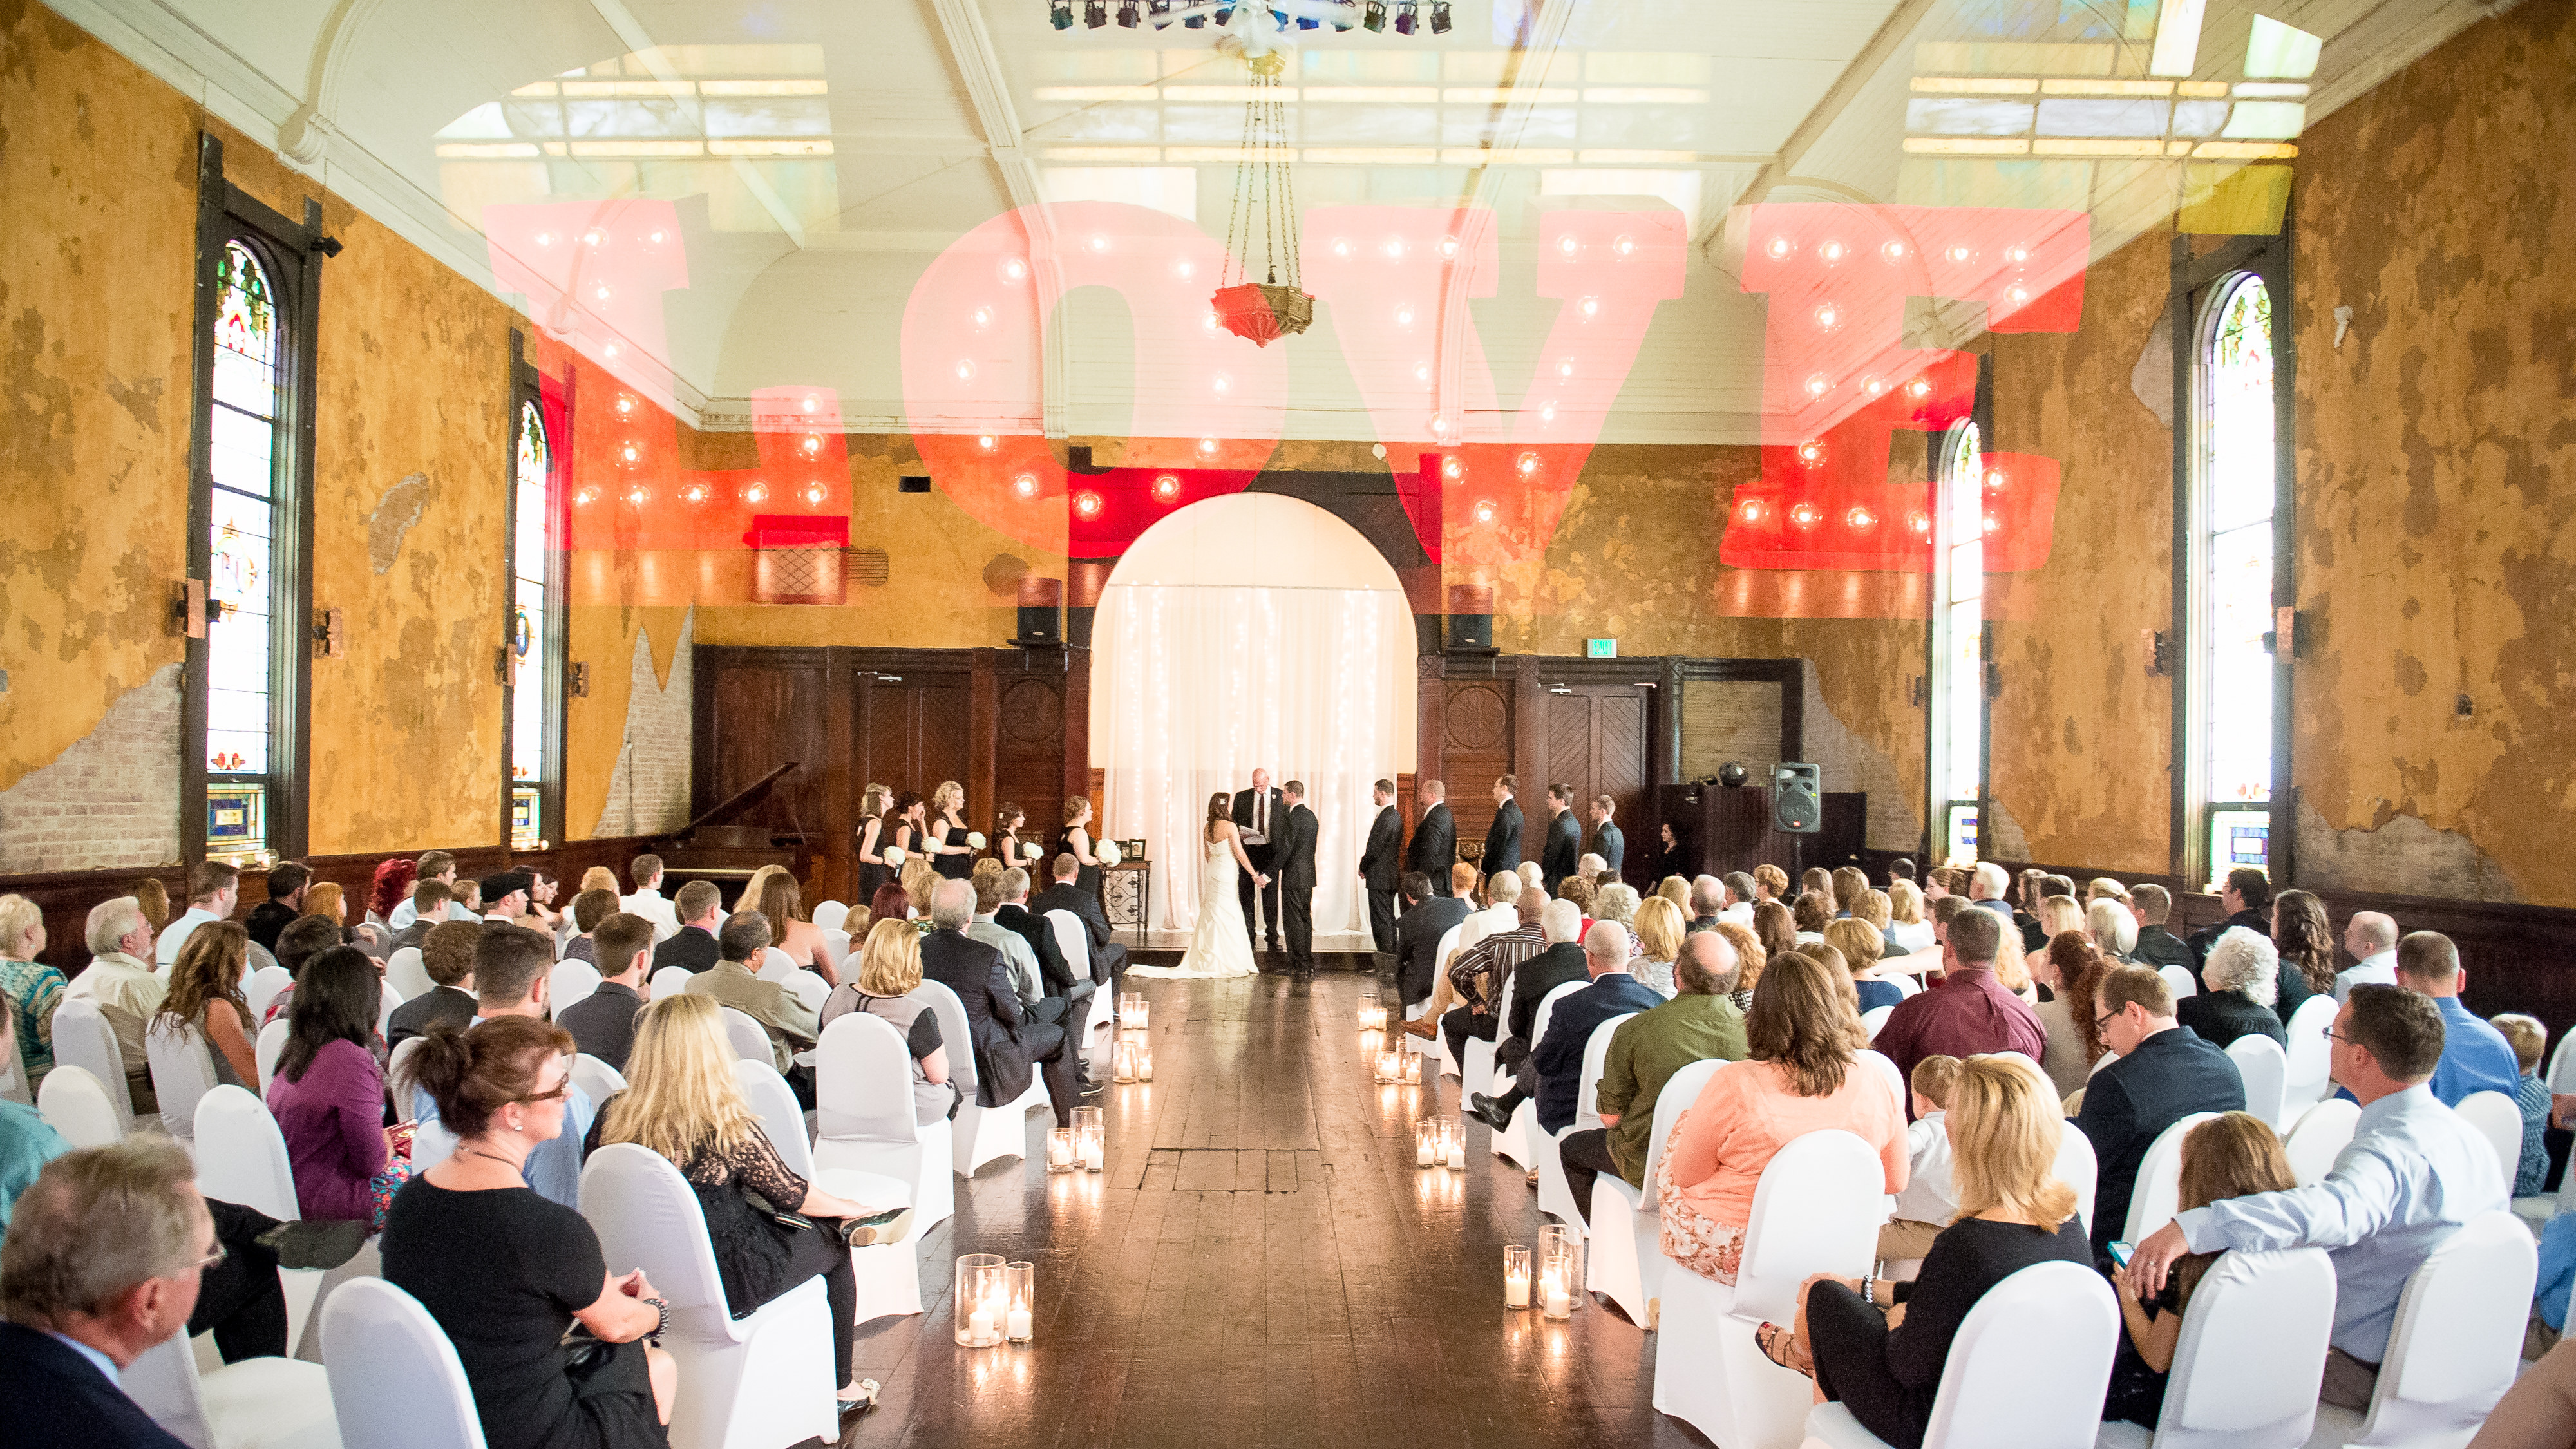 Creative Love wedding double exposure ceremony shot